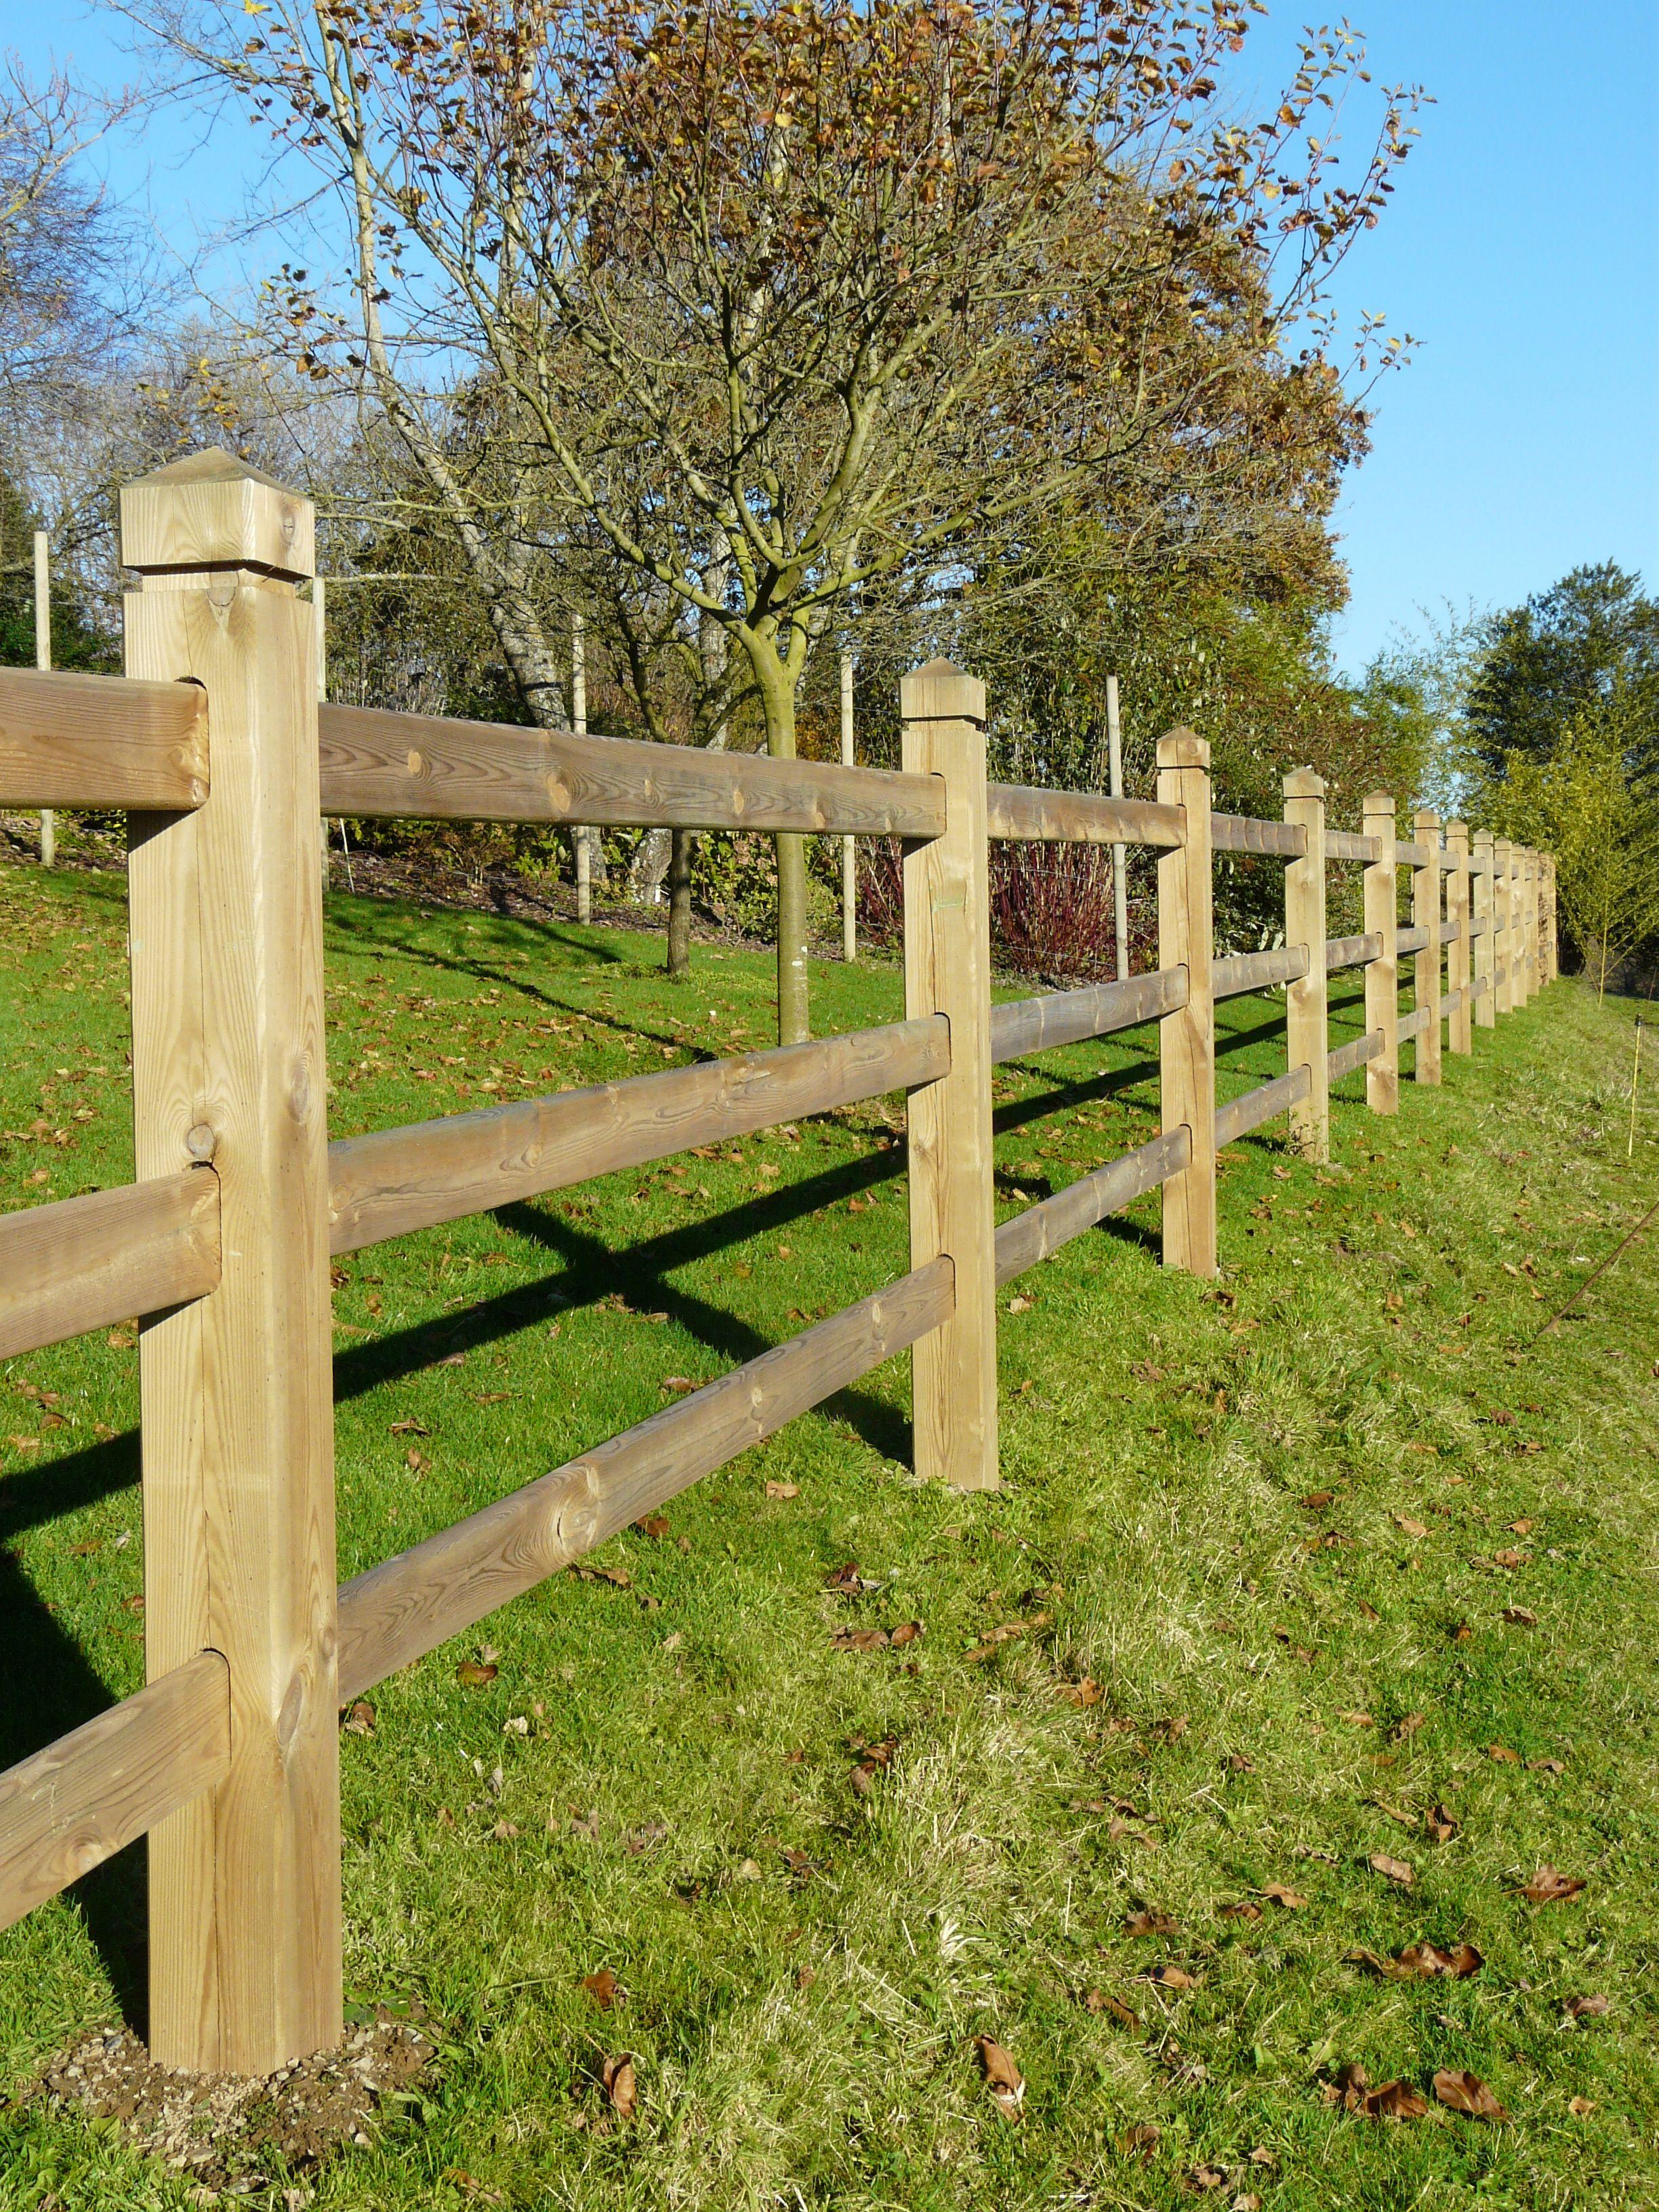 Petite Cloture De Jardin Blanche clôture bois pour chevaux | cloture bois, cloture bois